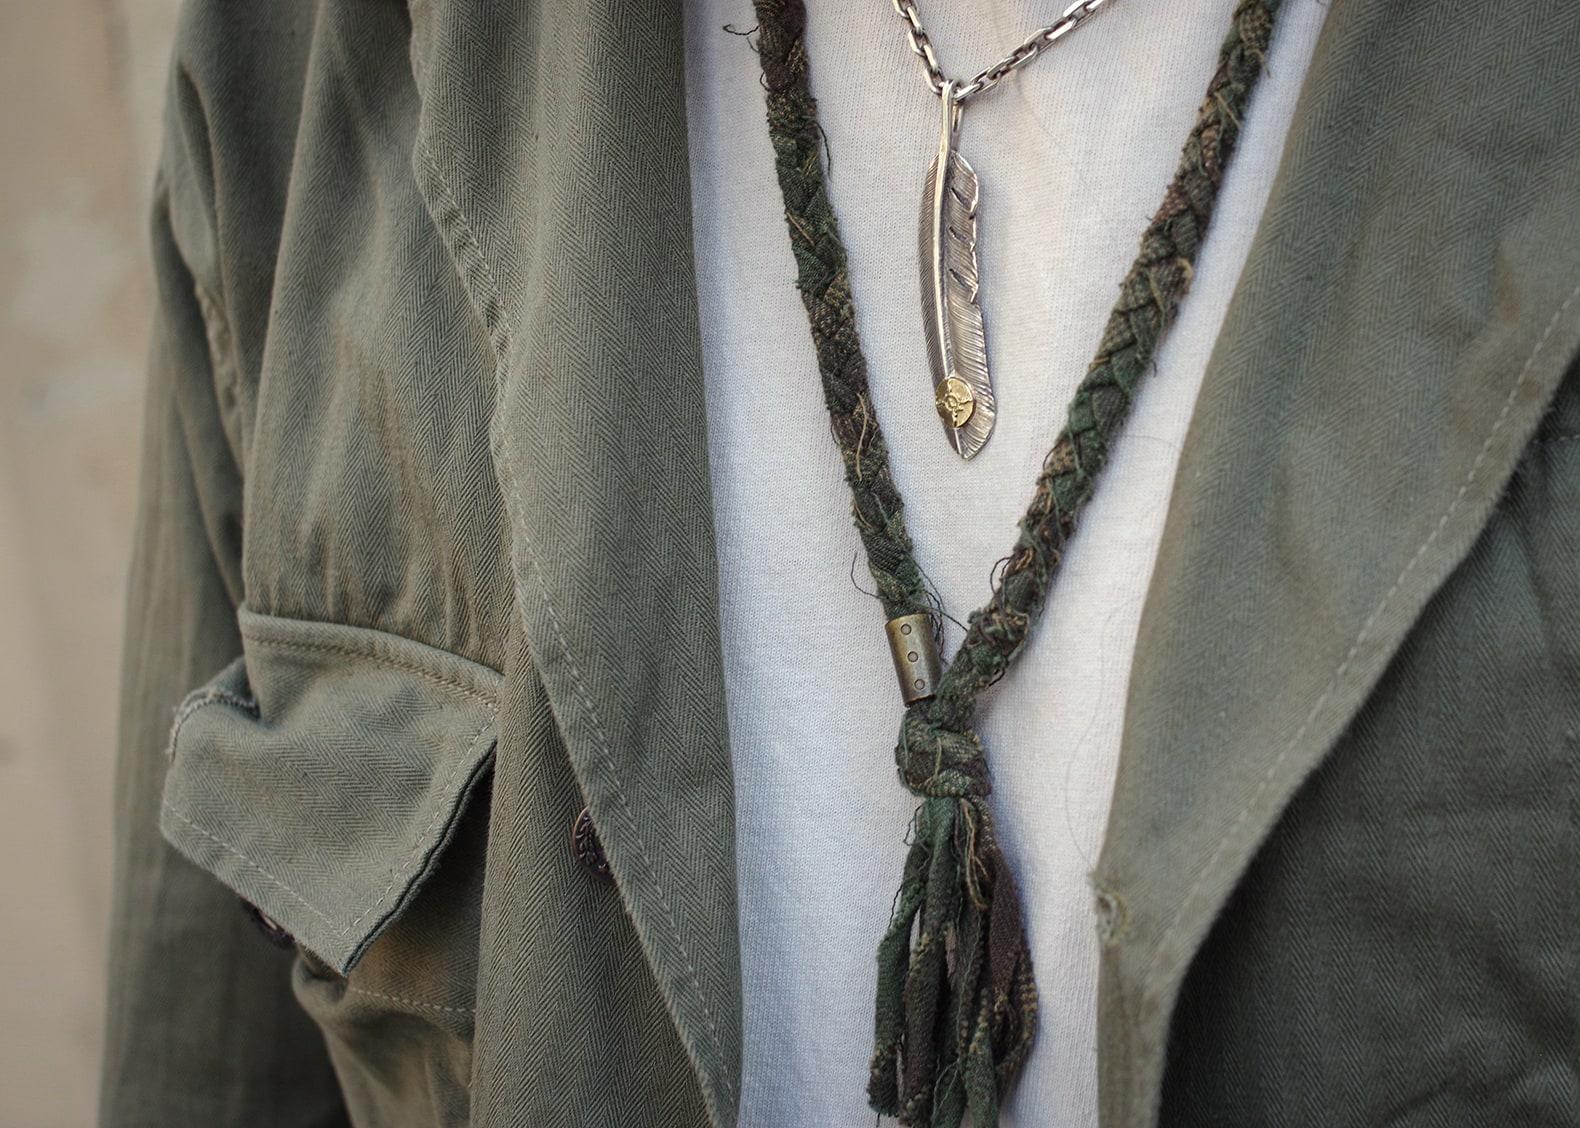 collier en tissu upcyclyng vert olive Borali et plume en argent first arrows